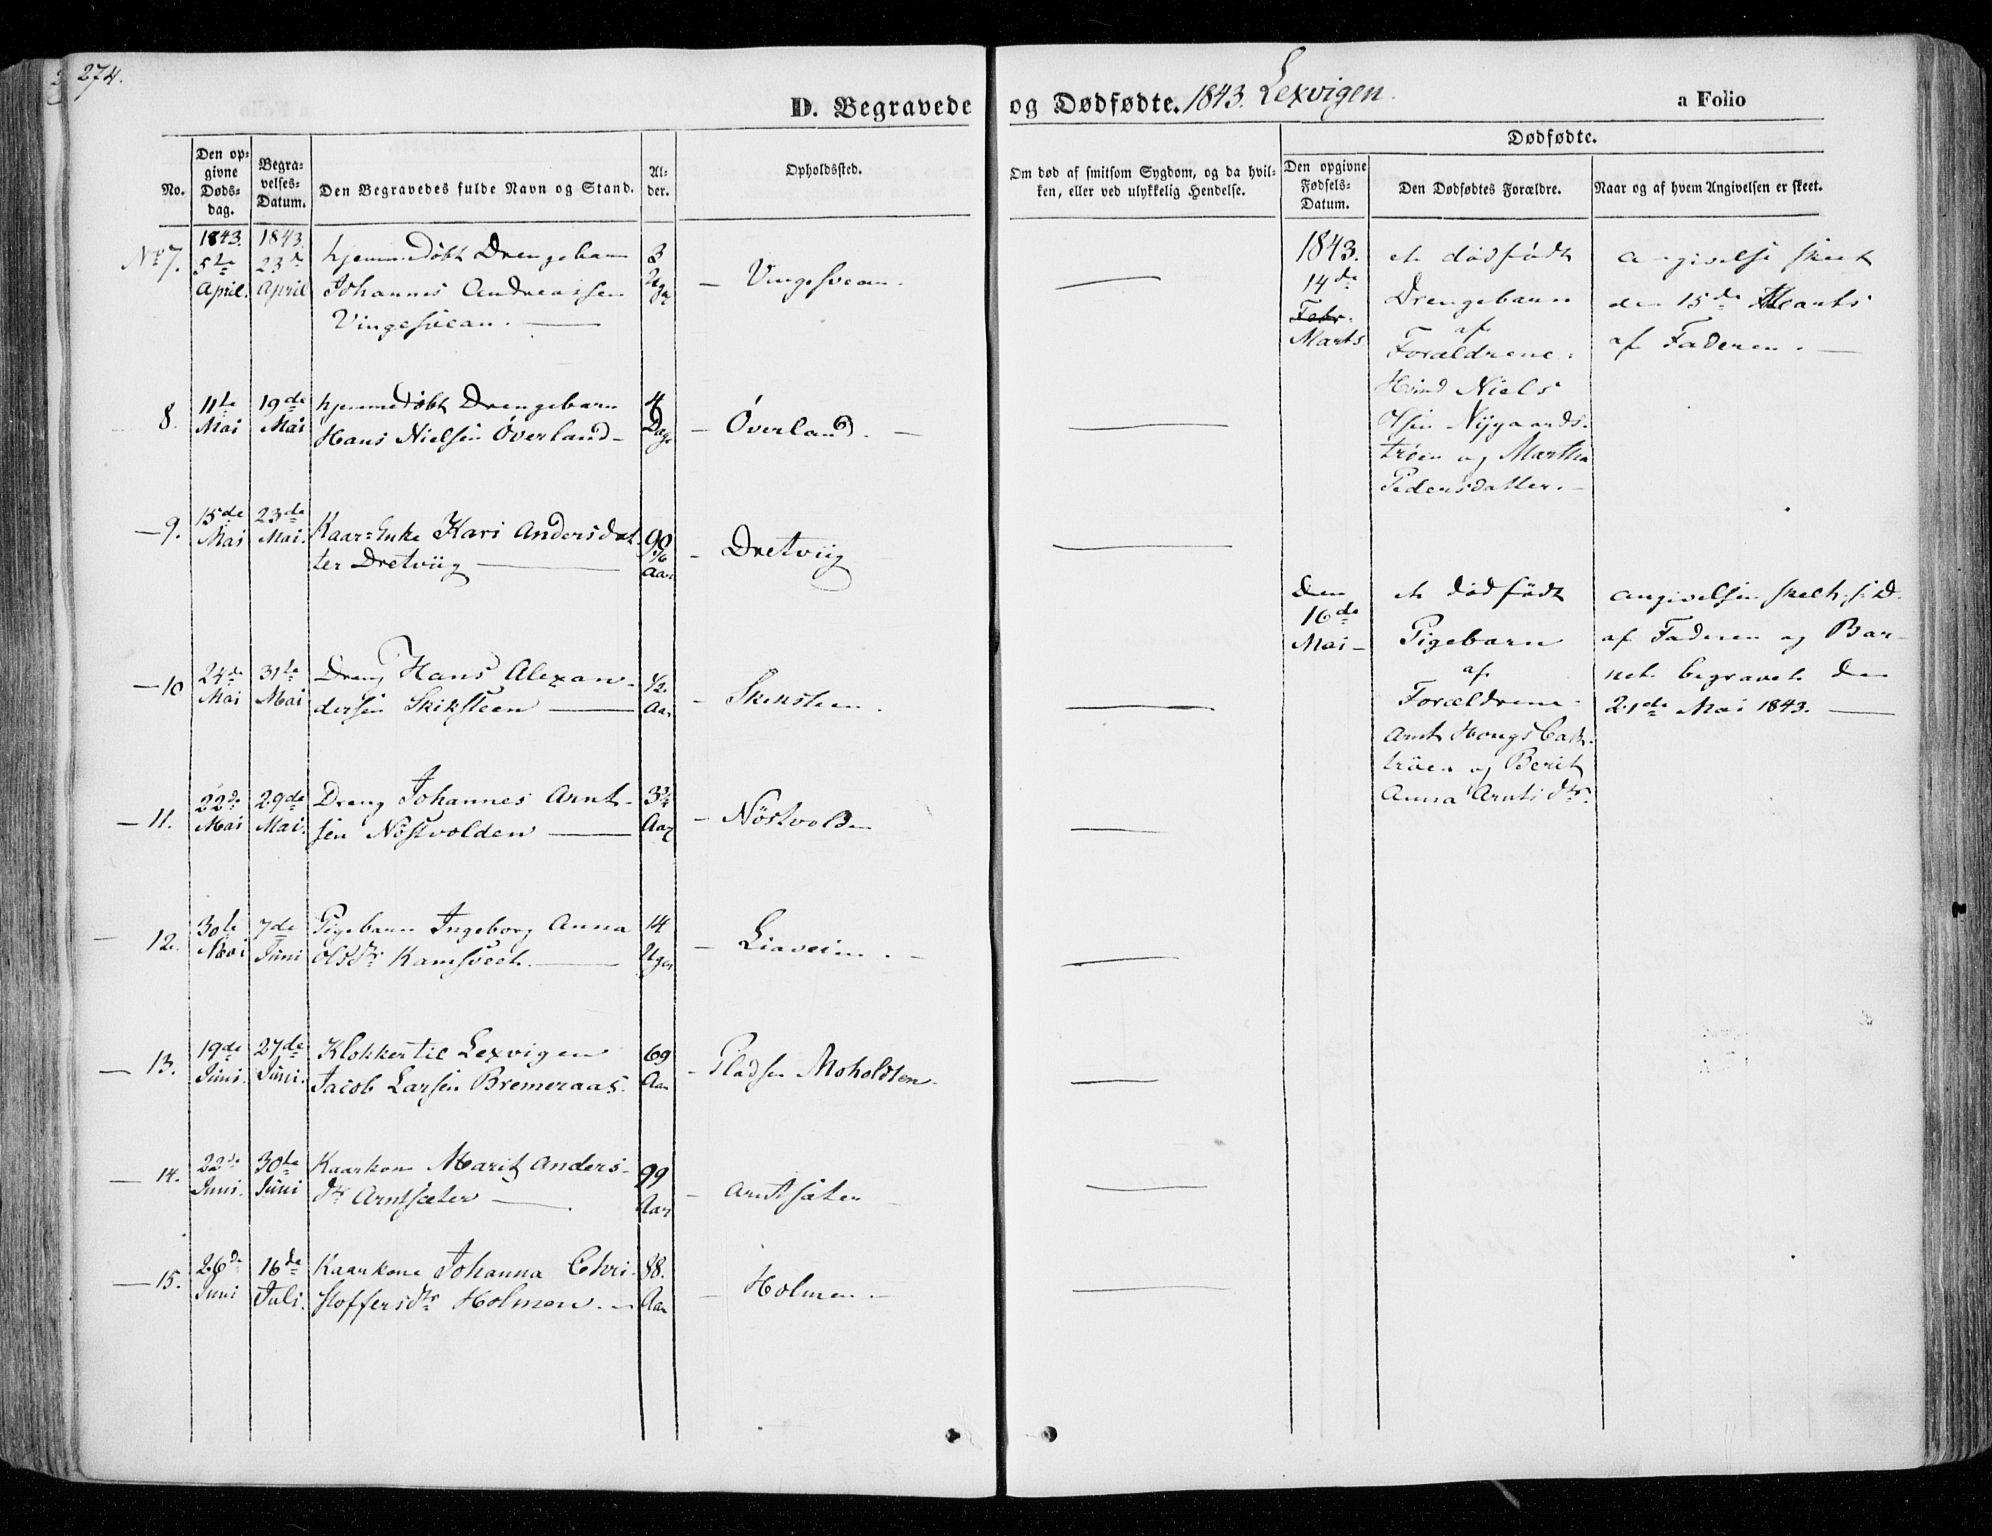 SAT, Ministerialprotokoller, klokkerbøker og fødselsregistre - Nord-Trøndelag, 701/L0007: Ministerialbok nr. 701A07 /1, 1842-1854, s. 274